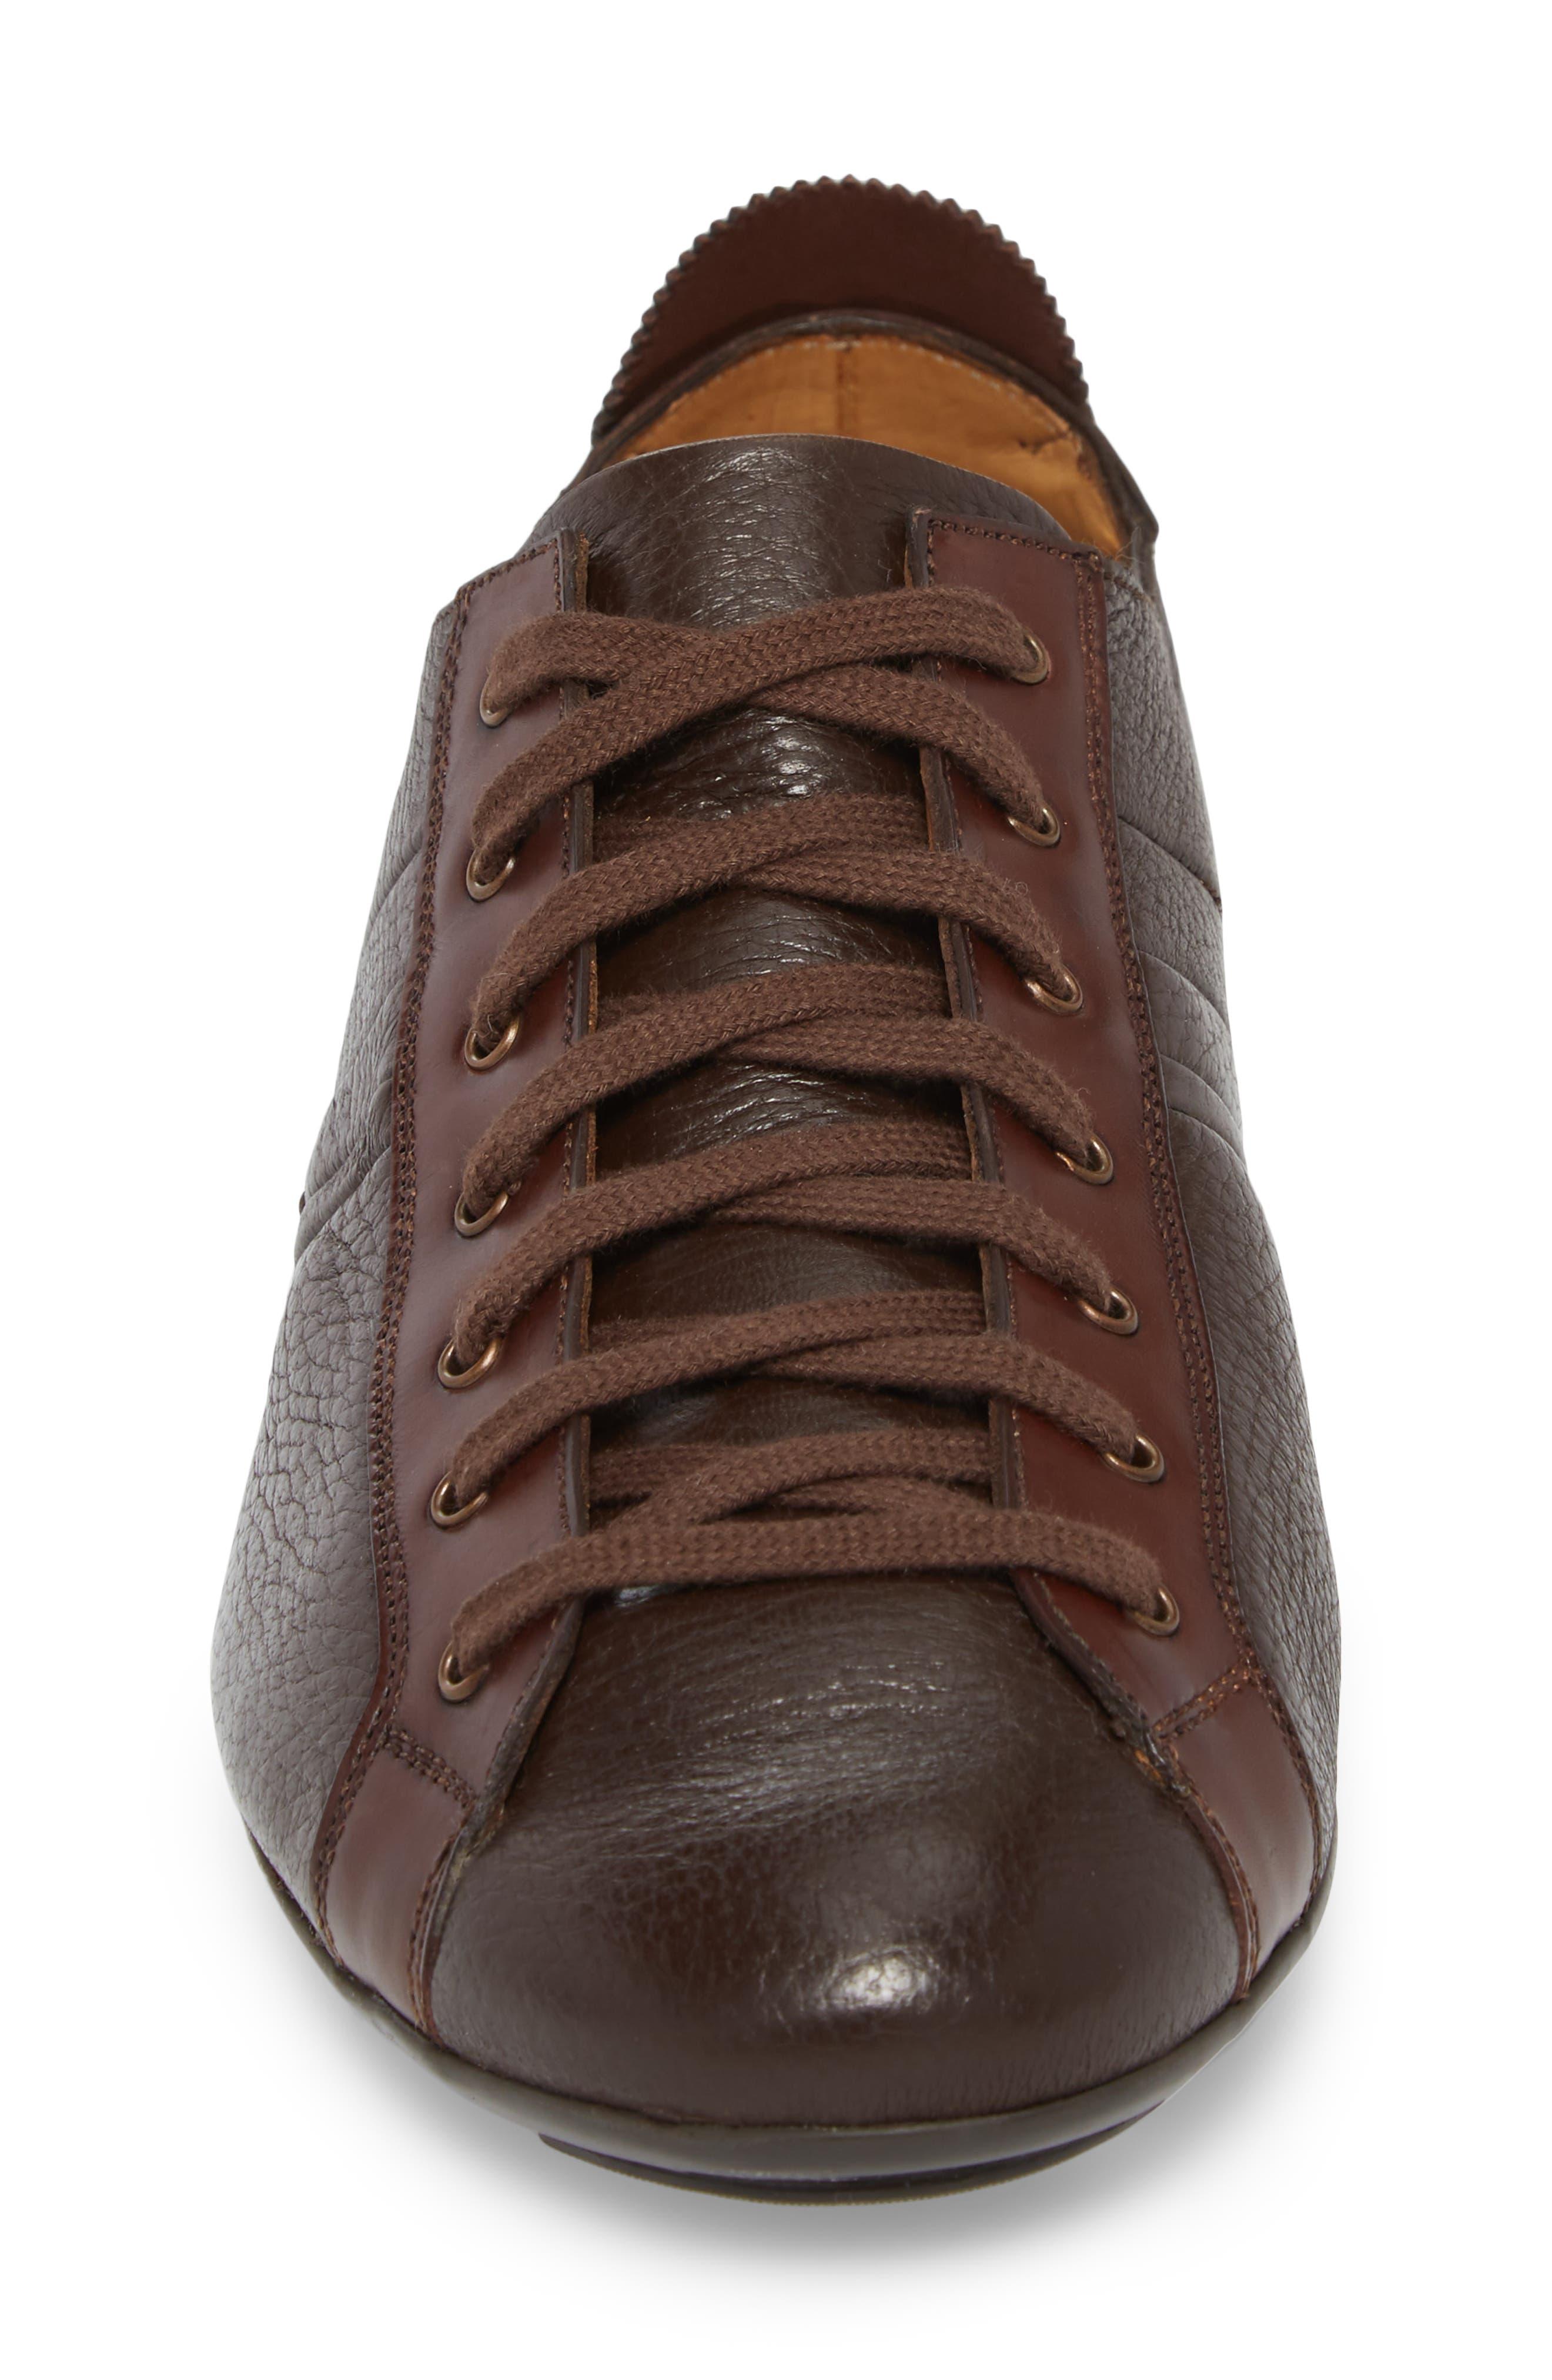 Tiberio Sneaker,                             Alternate thumbnail 4, color,                             Brown